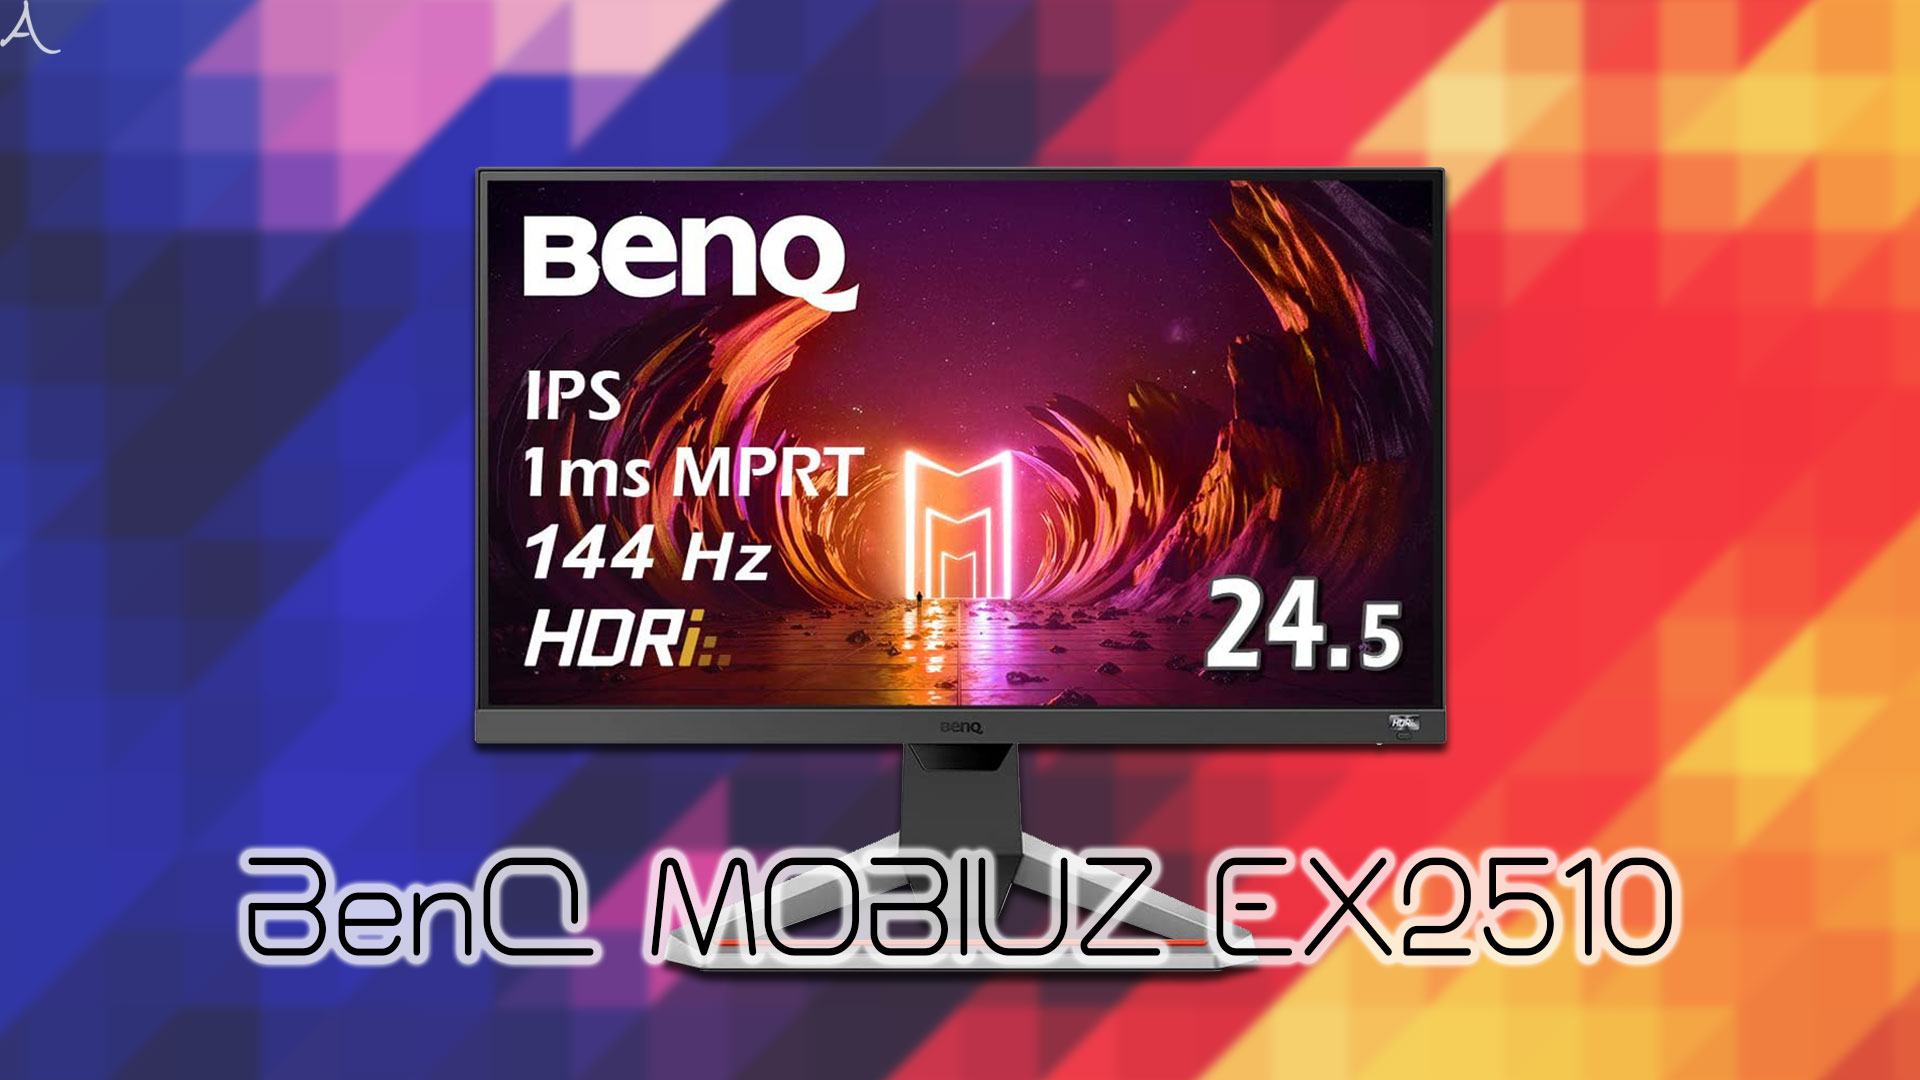 「BenQ MOBIUZ EX2510」ってモニターアーム使えるの?VESAサイズやおすすめアームはどれ?